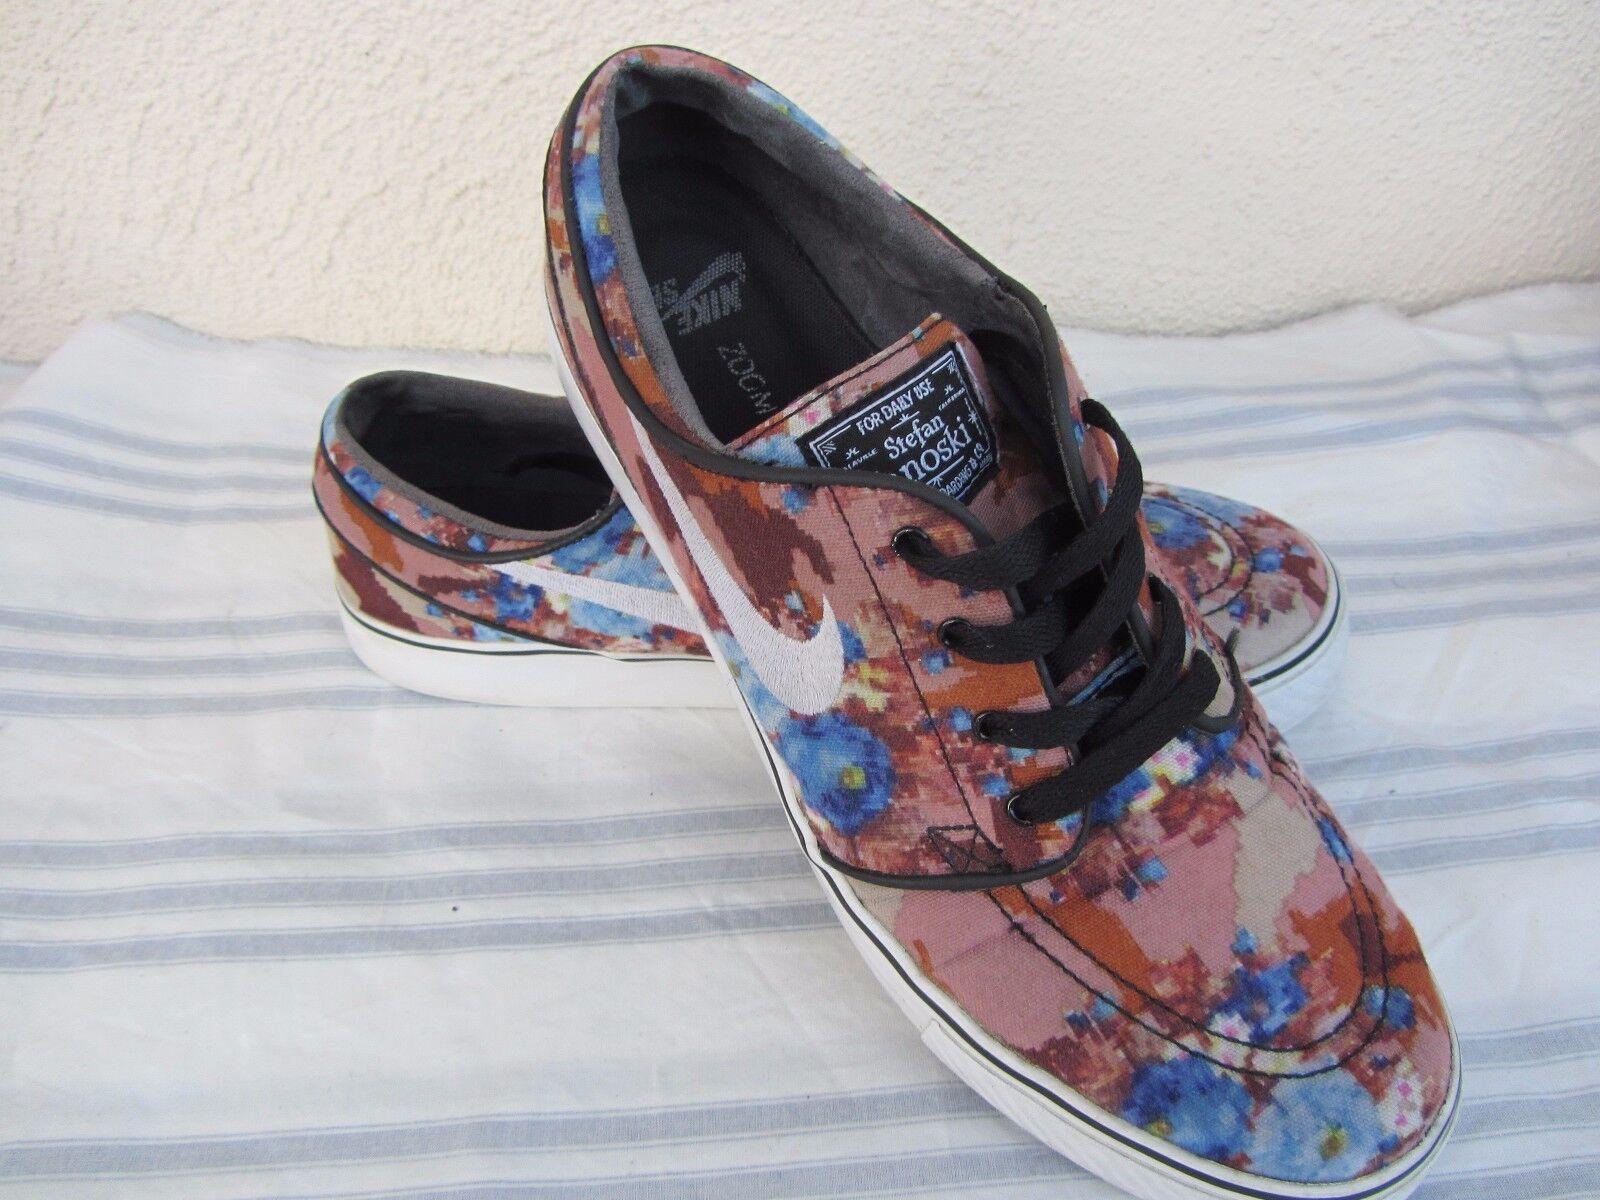 Hombre Nike tamaño Stefan Janoski floral Camo Athletic zapatos tenis tamaño Nike 10 gran descuento 8859a9